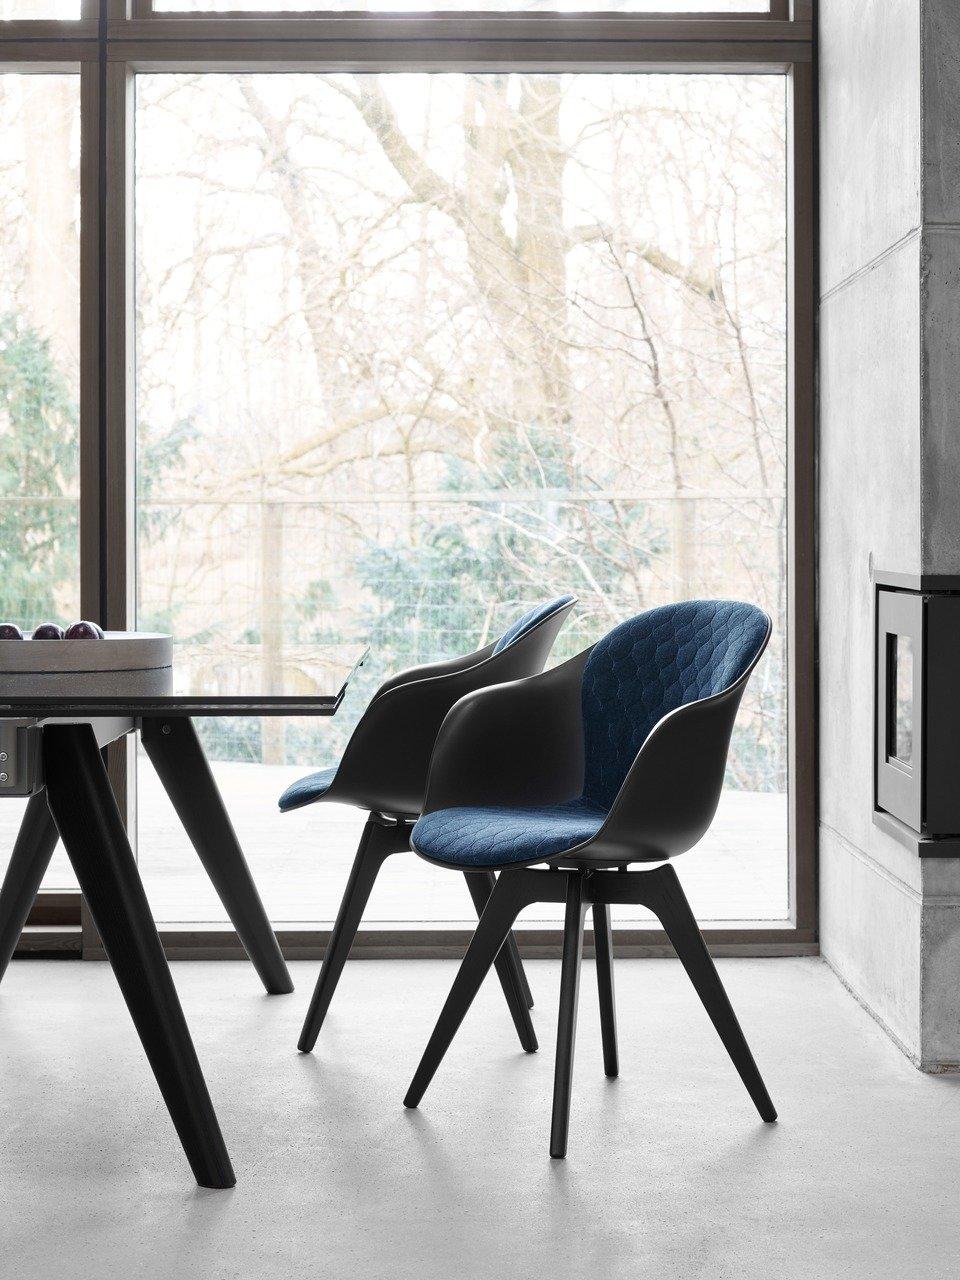 Krzesło z podłokietnikami Adelaide, czarne/dąb w kolorze espresso/pikowana tkanina Velvet. Cena 1.675,- (Cena regularna 1.970,-)